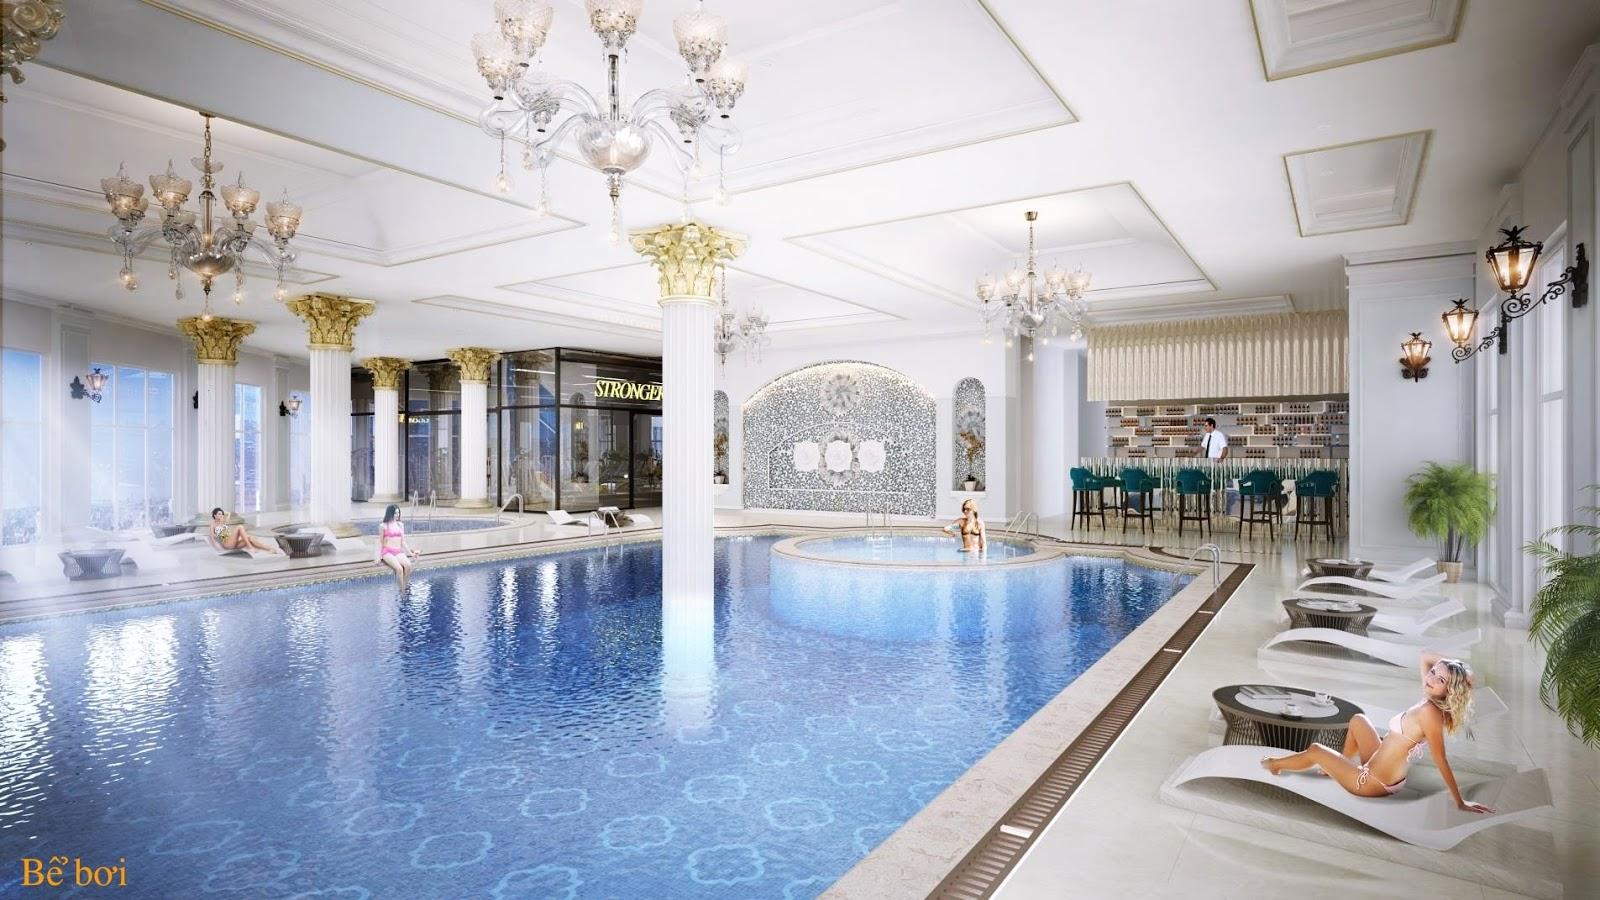 Bể bơi bốn mua chung cư Hateco Láng Thượng